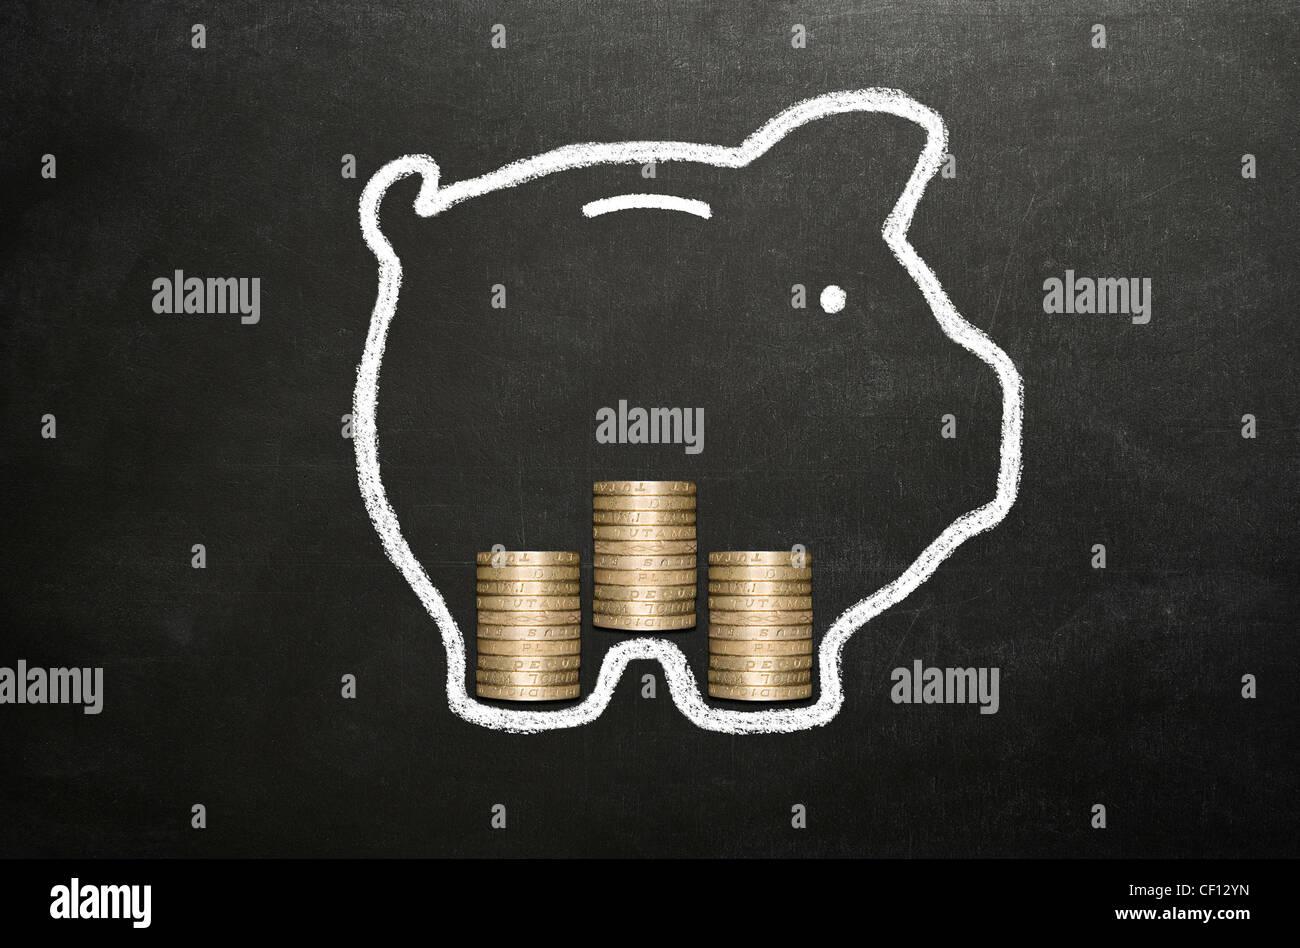 Sparschwein mit Kreide auf einer Tafel mit 3 Stapel von echten Münzen ausgehen. Stockbild